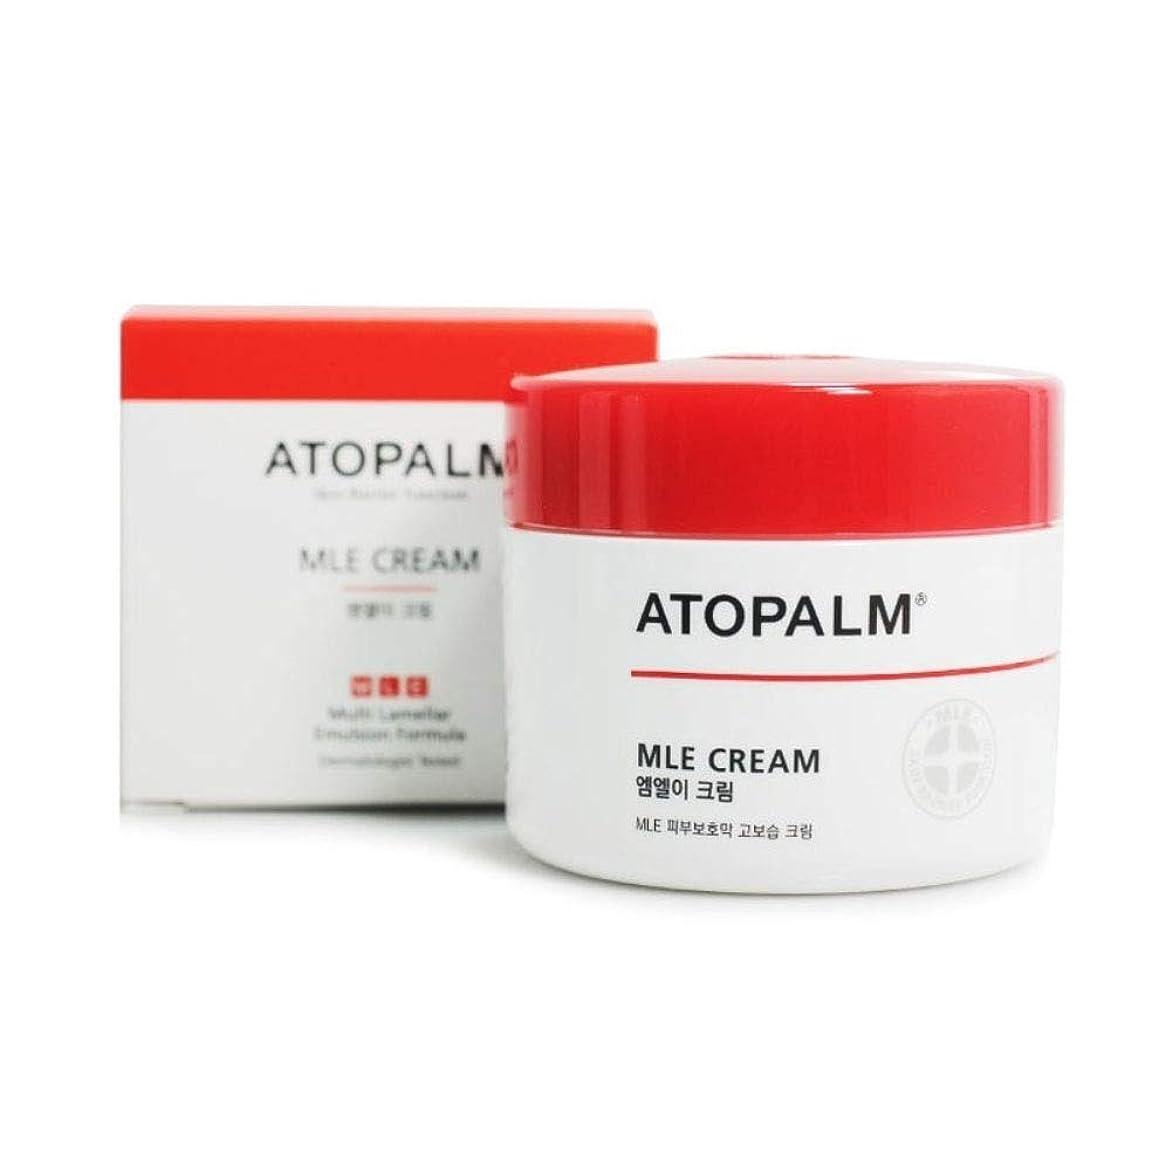 寄稿者生態学品アトパムMLEクリーム160mlベビークリーム韓国コスメ、Atopalm MLE Cream 160ml Baby Cream Korean Cosmetics [並行輸入品]